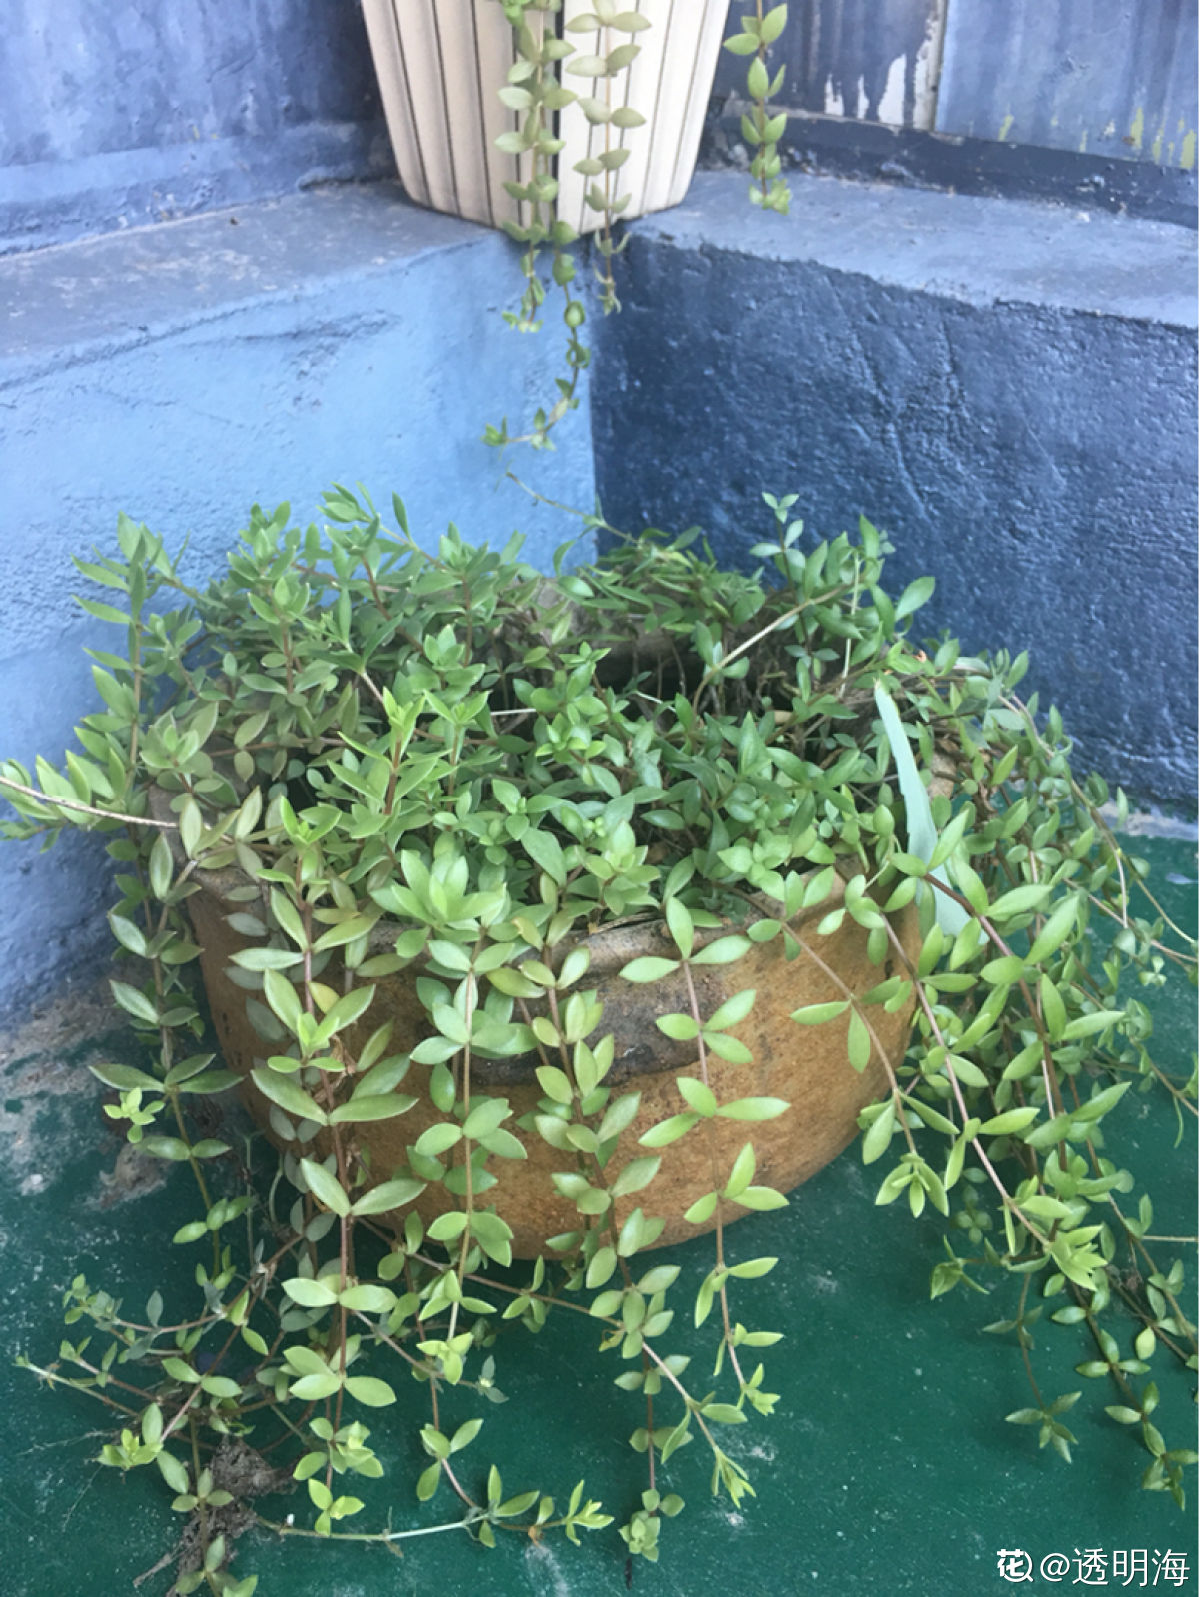 黏在墙上的垂盆草